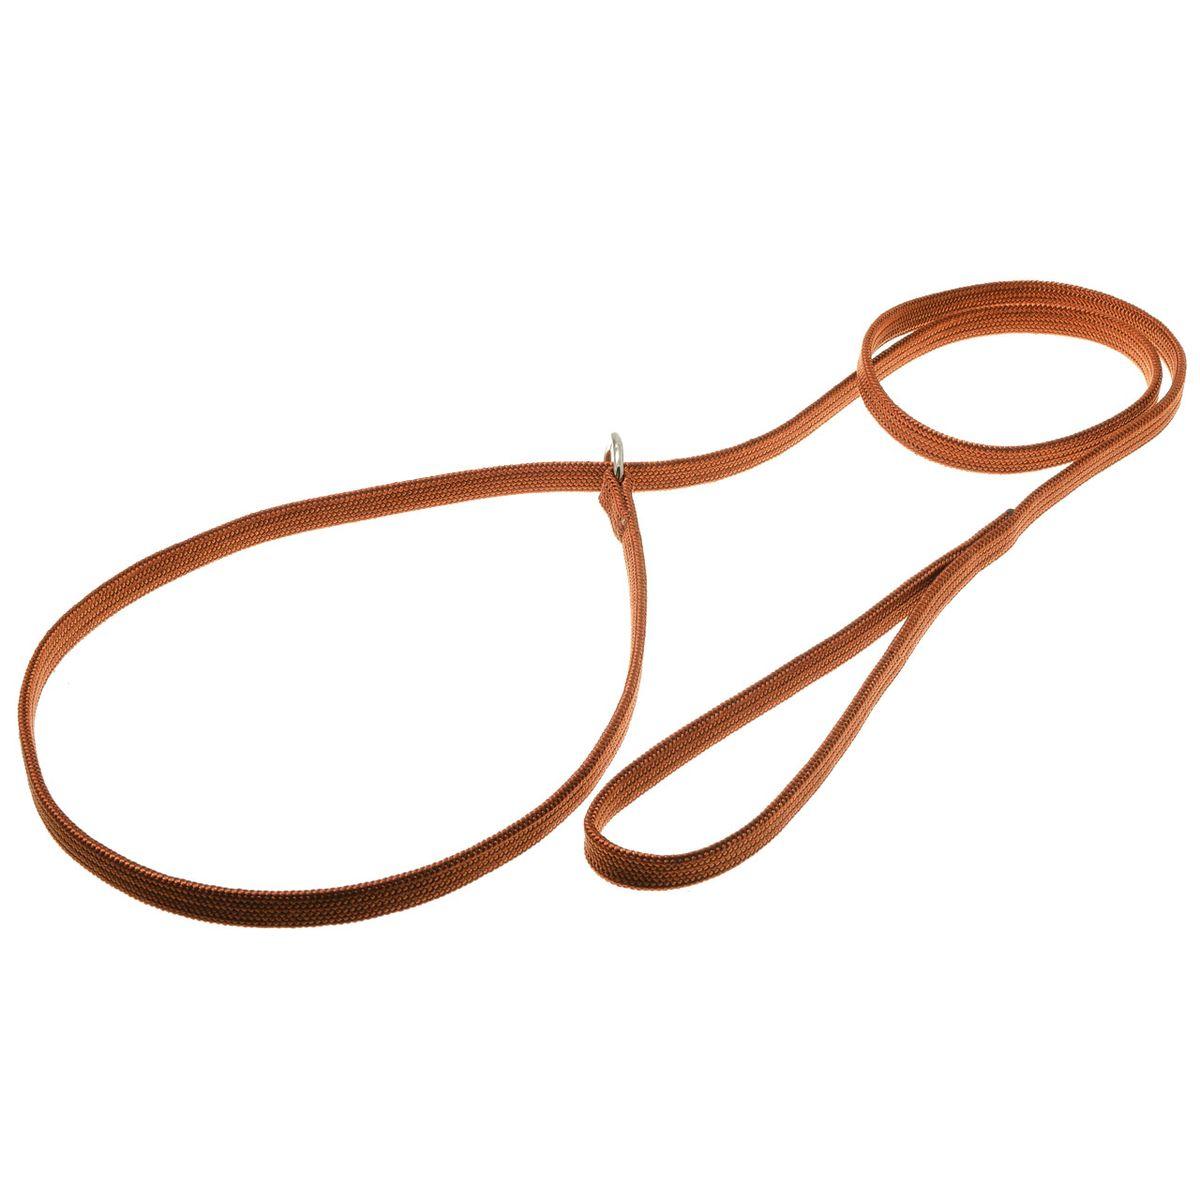 Поводок для собак V.I.Pet, цвет: светло-коричневый, ширина 10 мм, длина 1,5 м. 74-238974-2389Поводок-удавка V.I.Pet состоит из петли с фиксатором и, собственно, поводка. Является самым распространенным видом выставочной амуниции. Подходит также для повседневного использования.